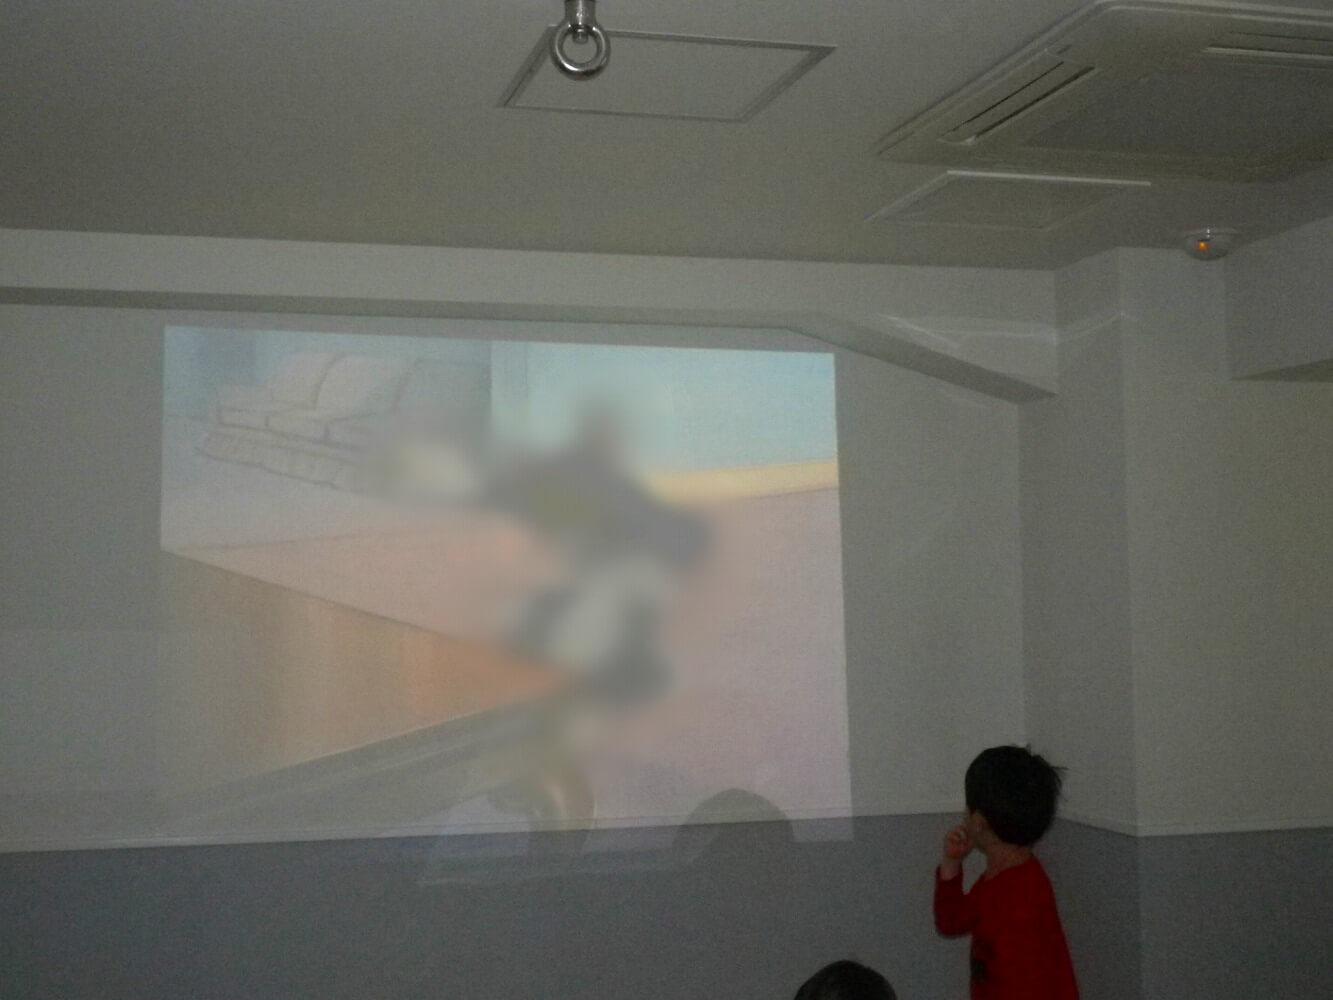 壁に映っている映像をみている子ども